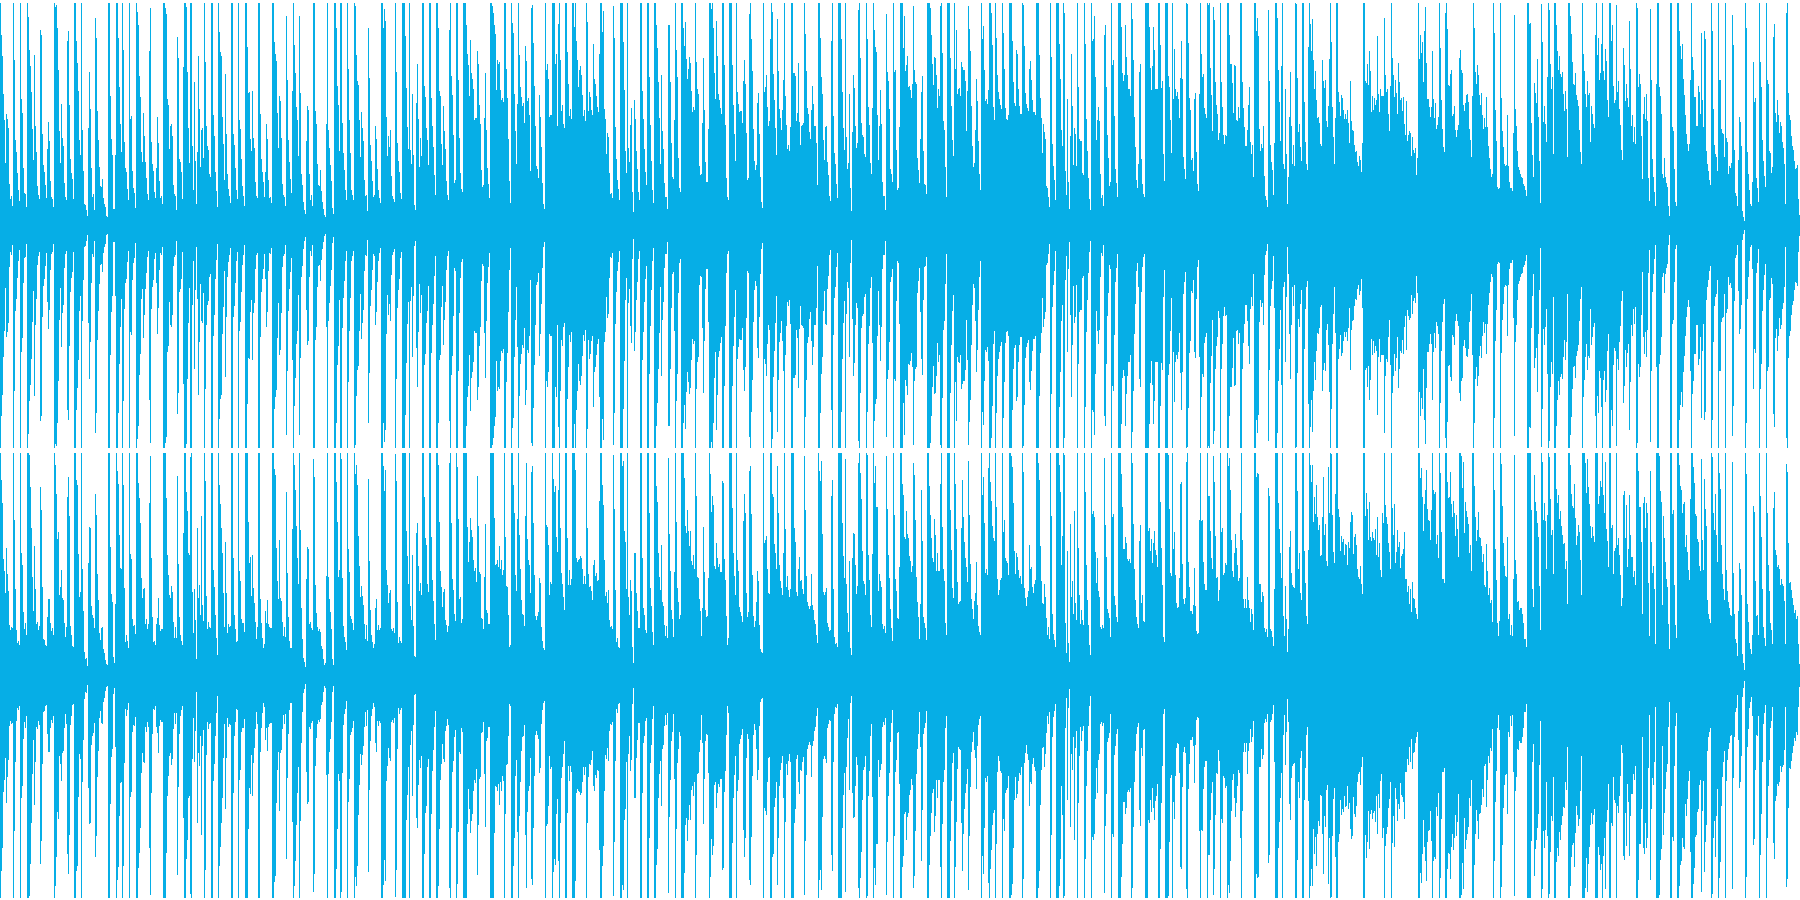 日常系アニメのほのぼのした一幕の再生済みの波形